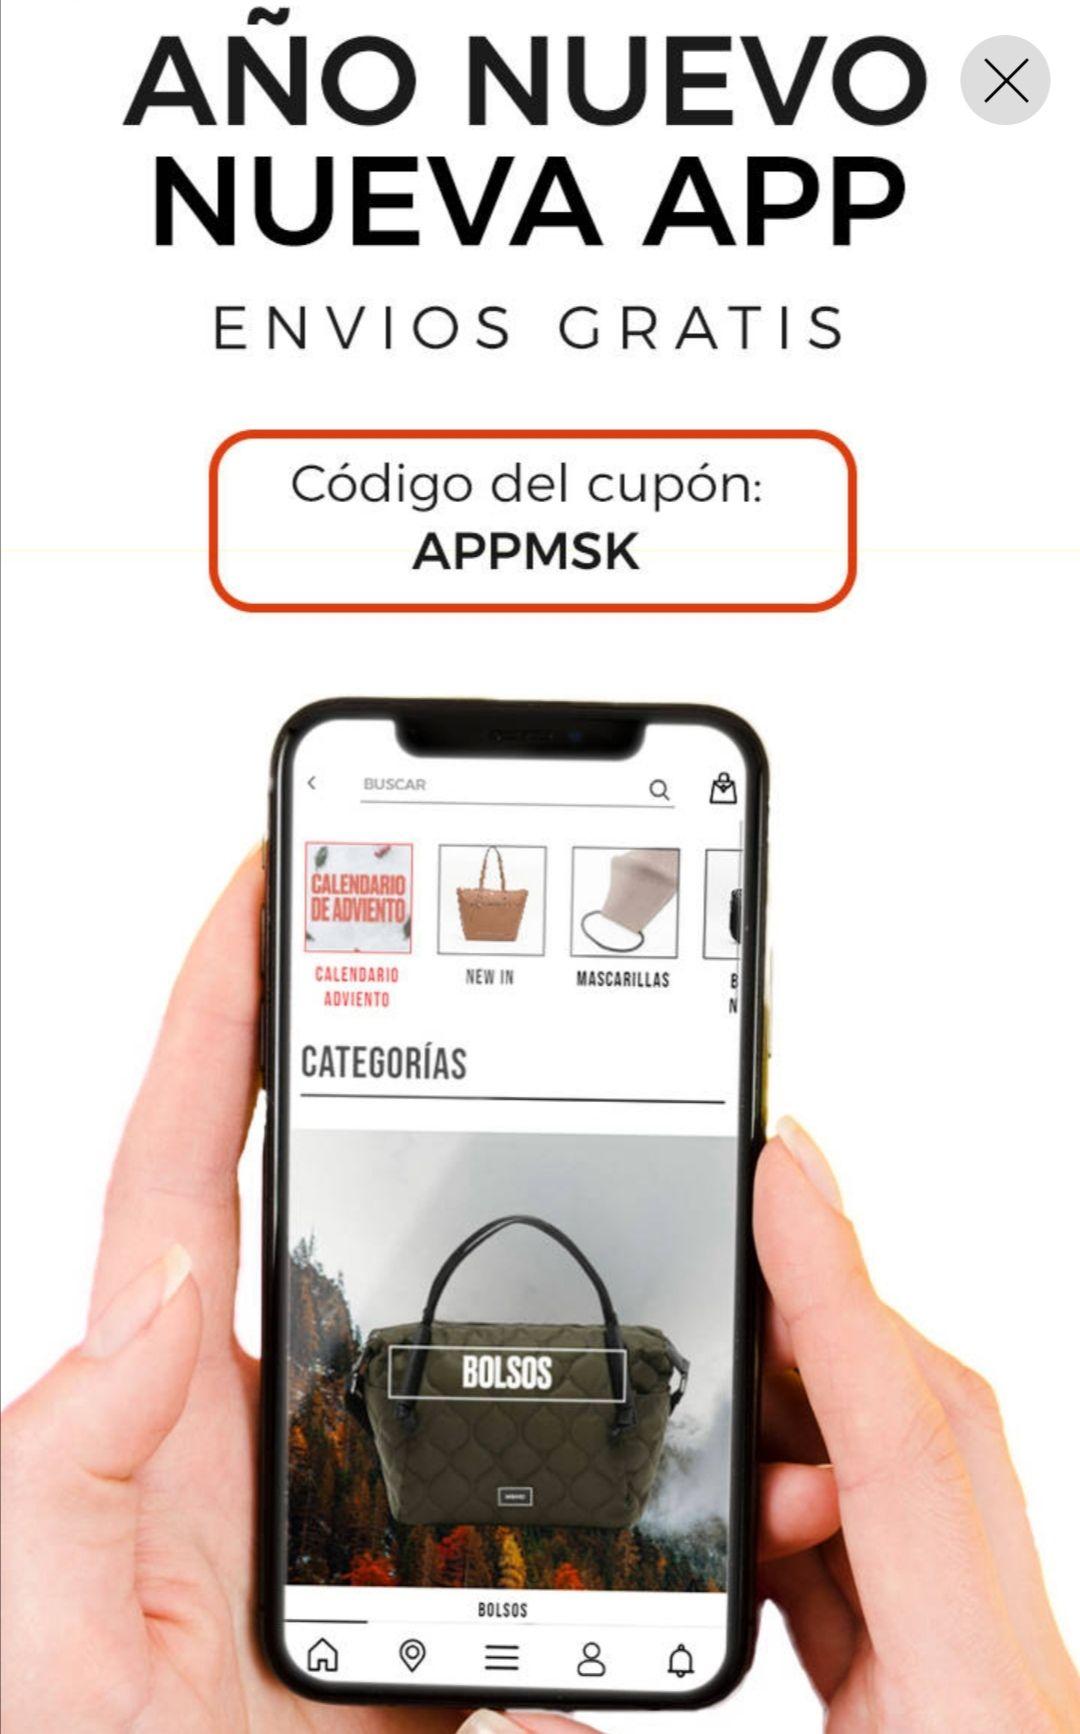 Misako Envío gratis en cualquier compra por la app